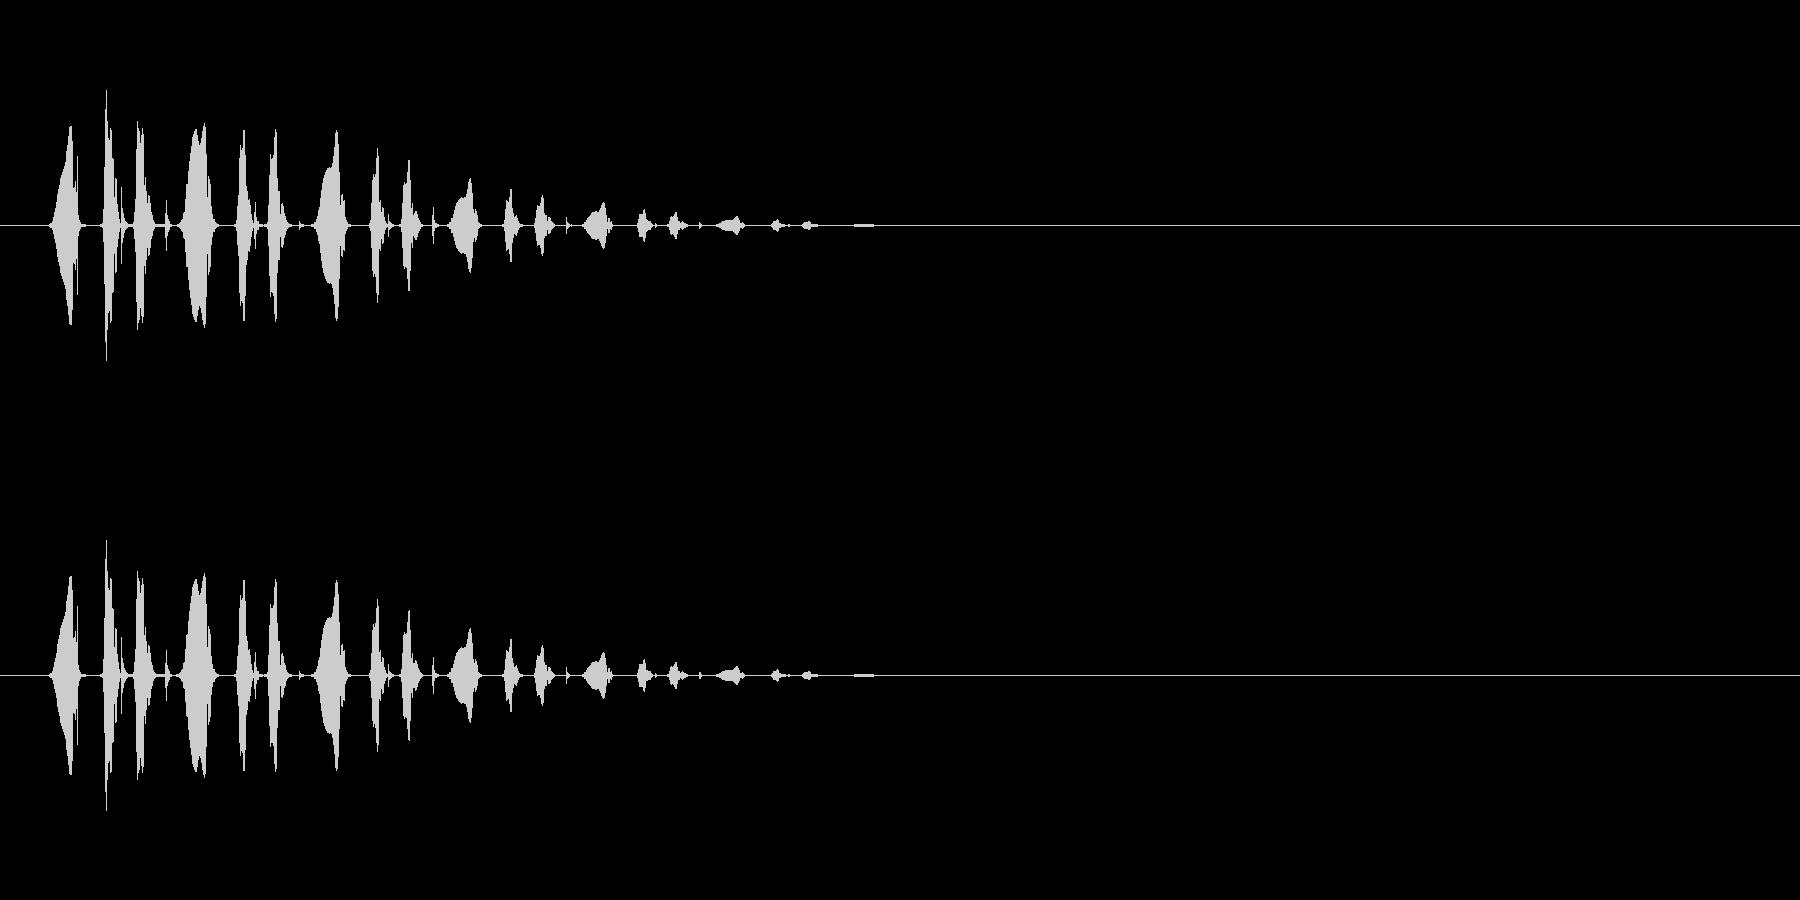 ぴょこぴょこぴょこ…(逃げ足、小動物)の未再生の波形